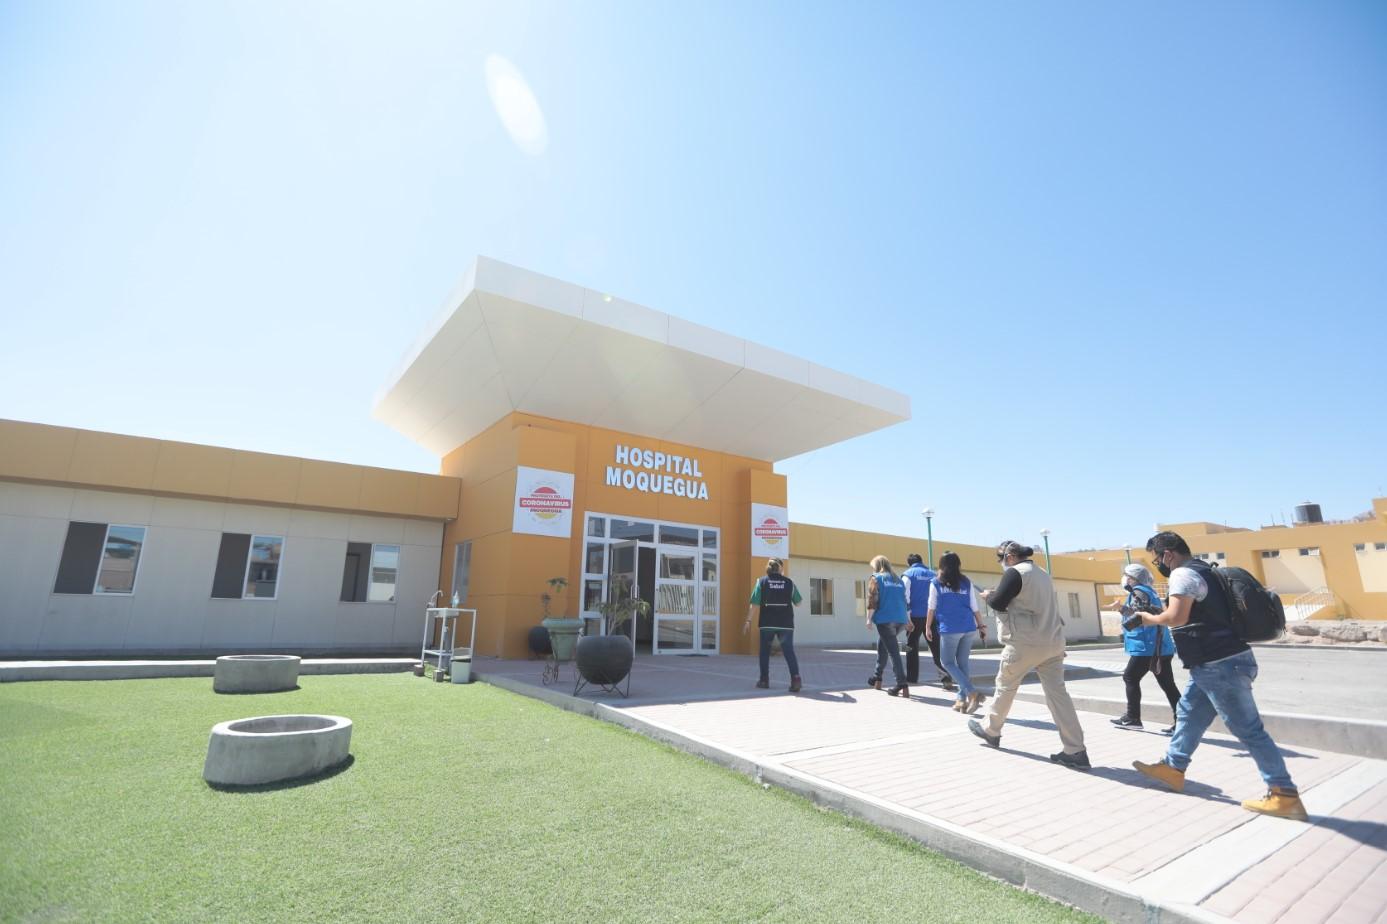 Essalud - Gobierno autorizó a EsSalud administrar Hospitales Regionales de Moquegua y Tacna para atención de pacientes Covid-19